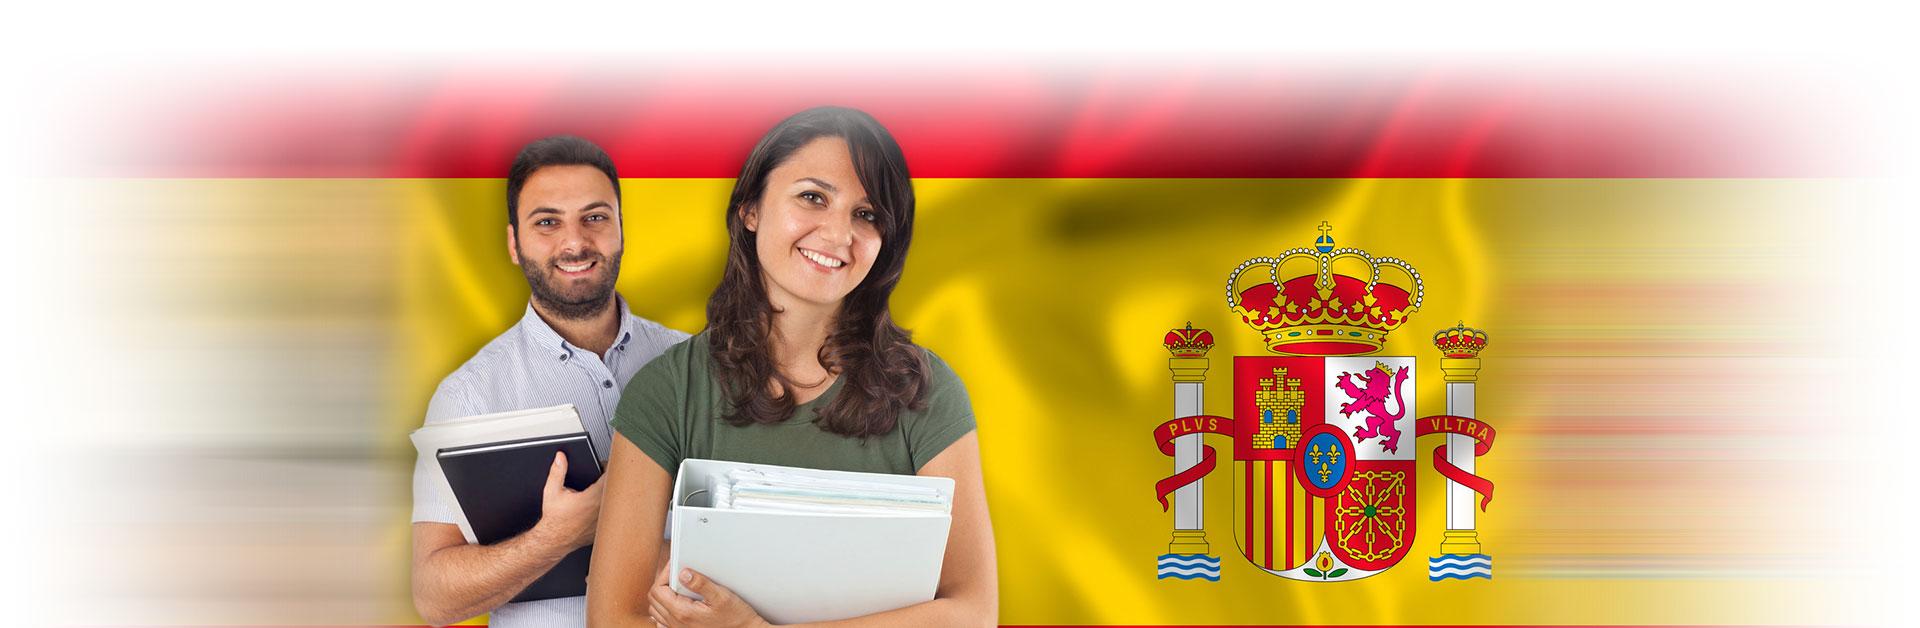 TopMainSlider-spanish-0